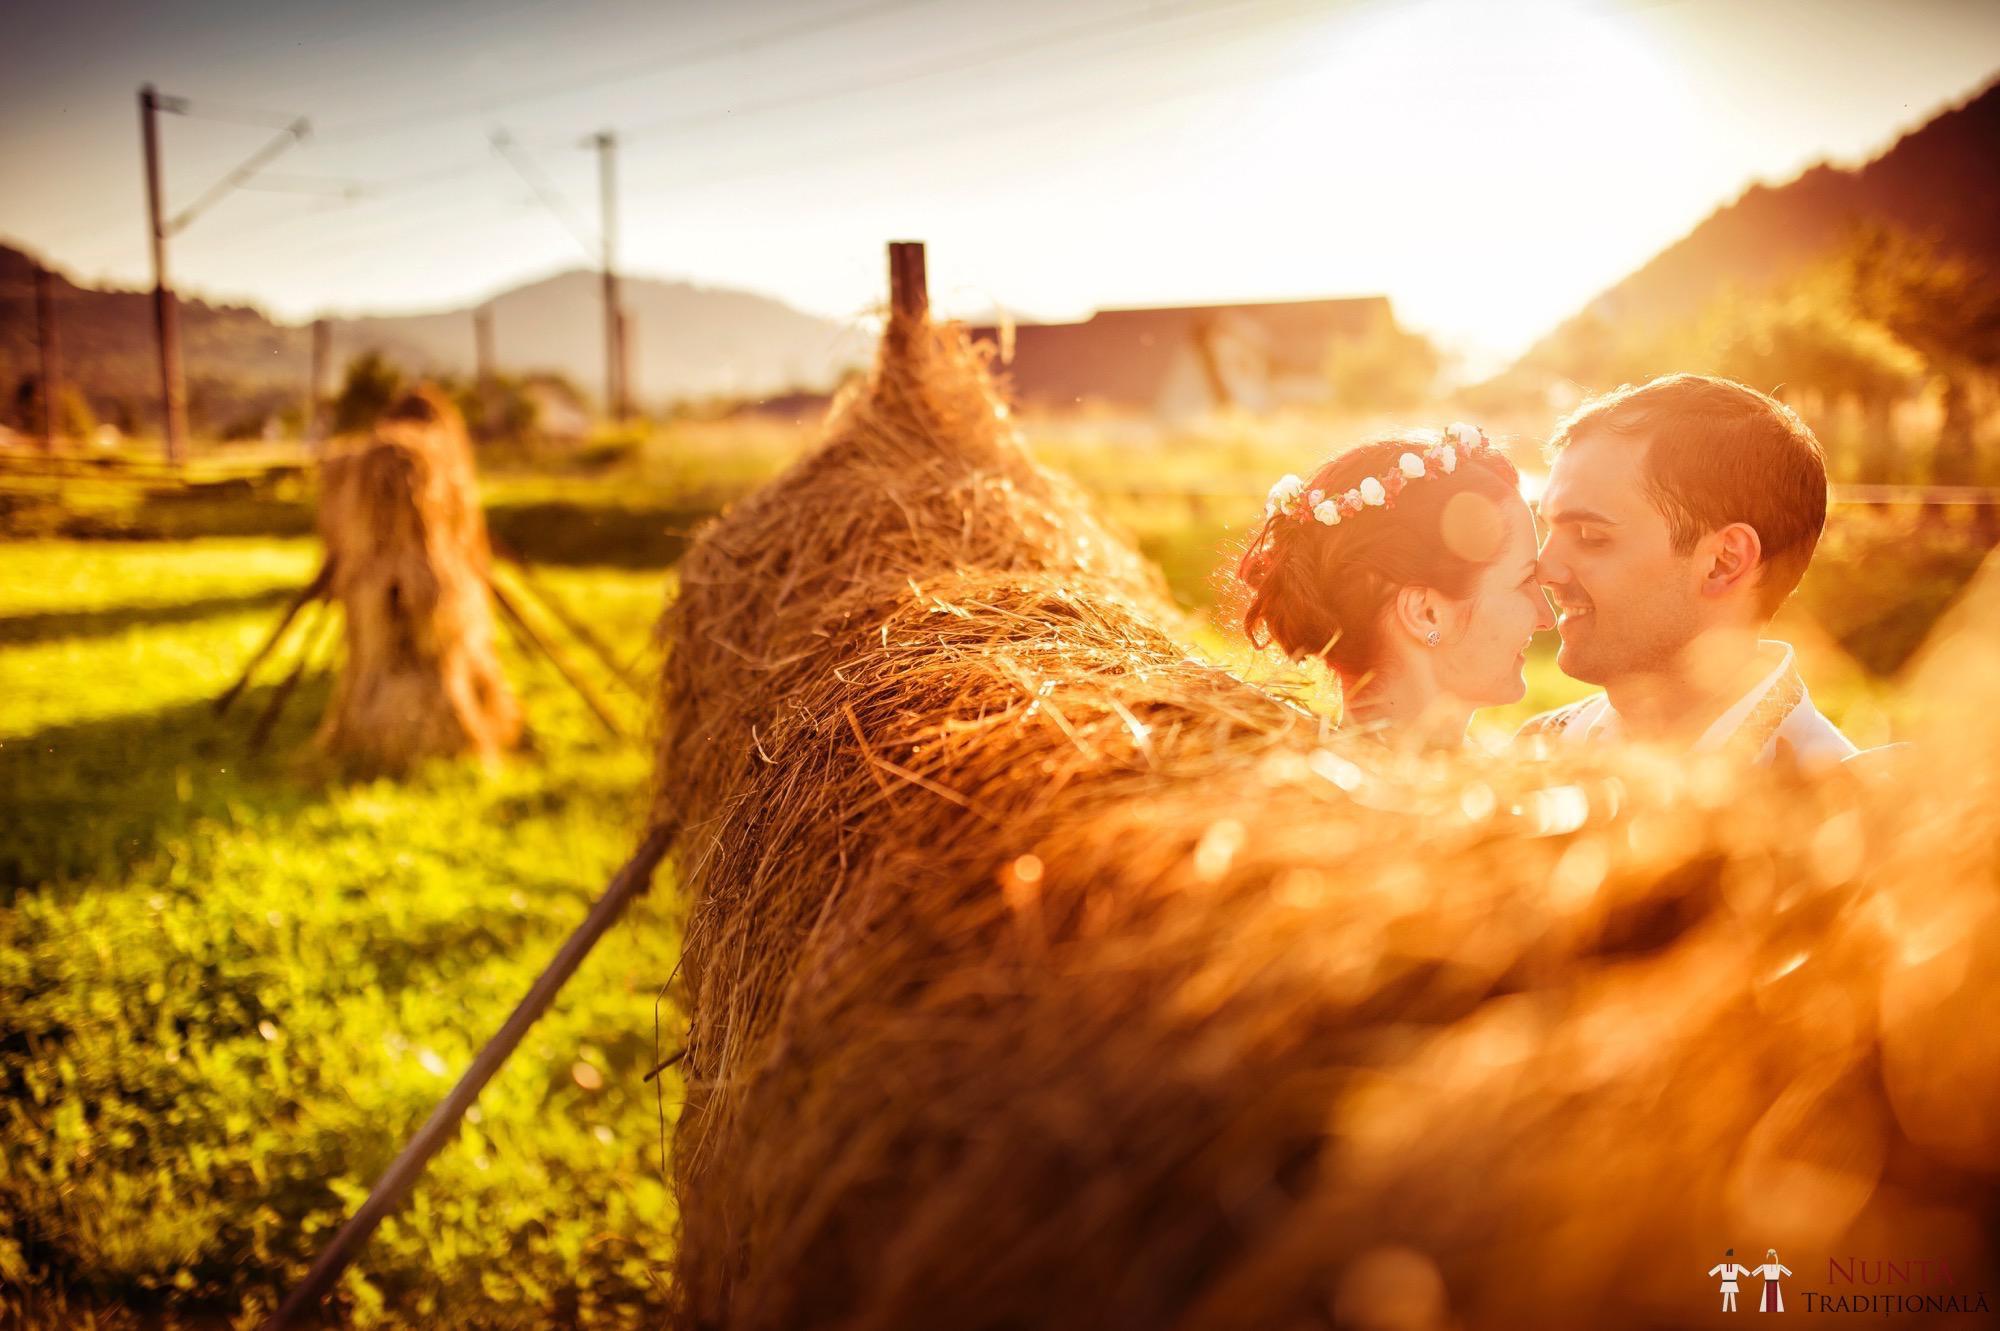 Povești Nunți Tradiționale - Gabriela și Mădălin - Nuntă Tradițională în Suceava, Bucovina